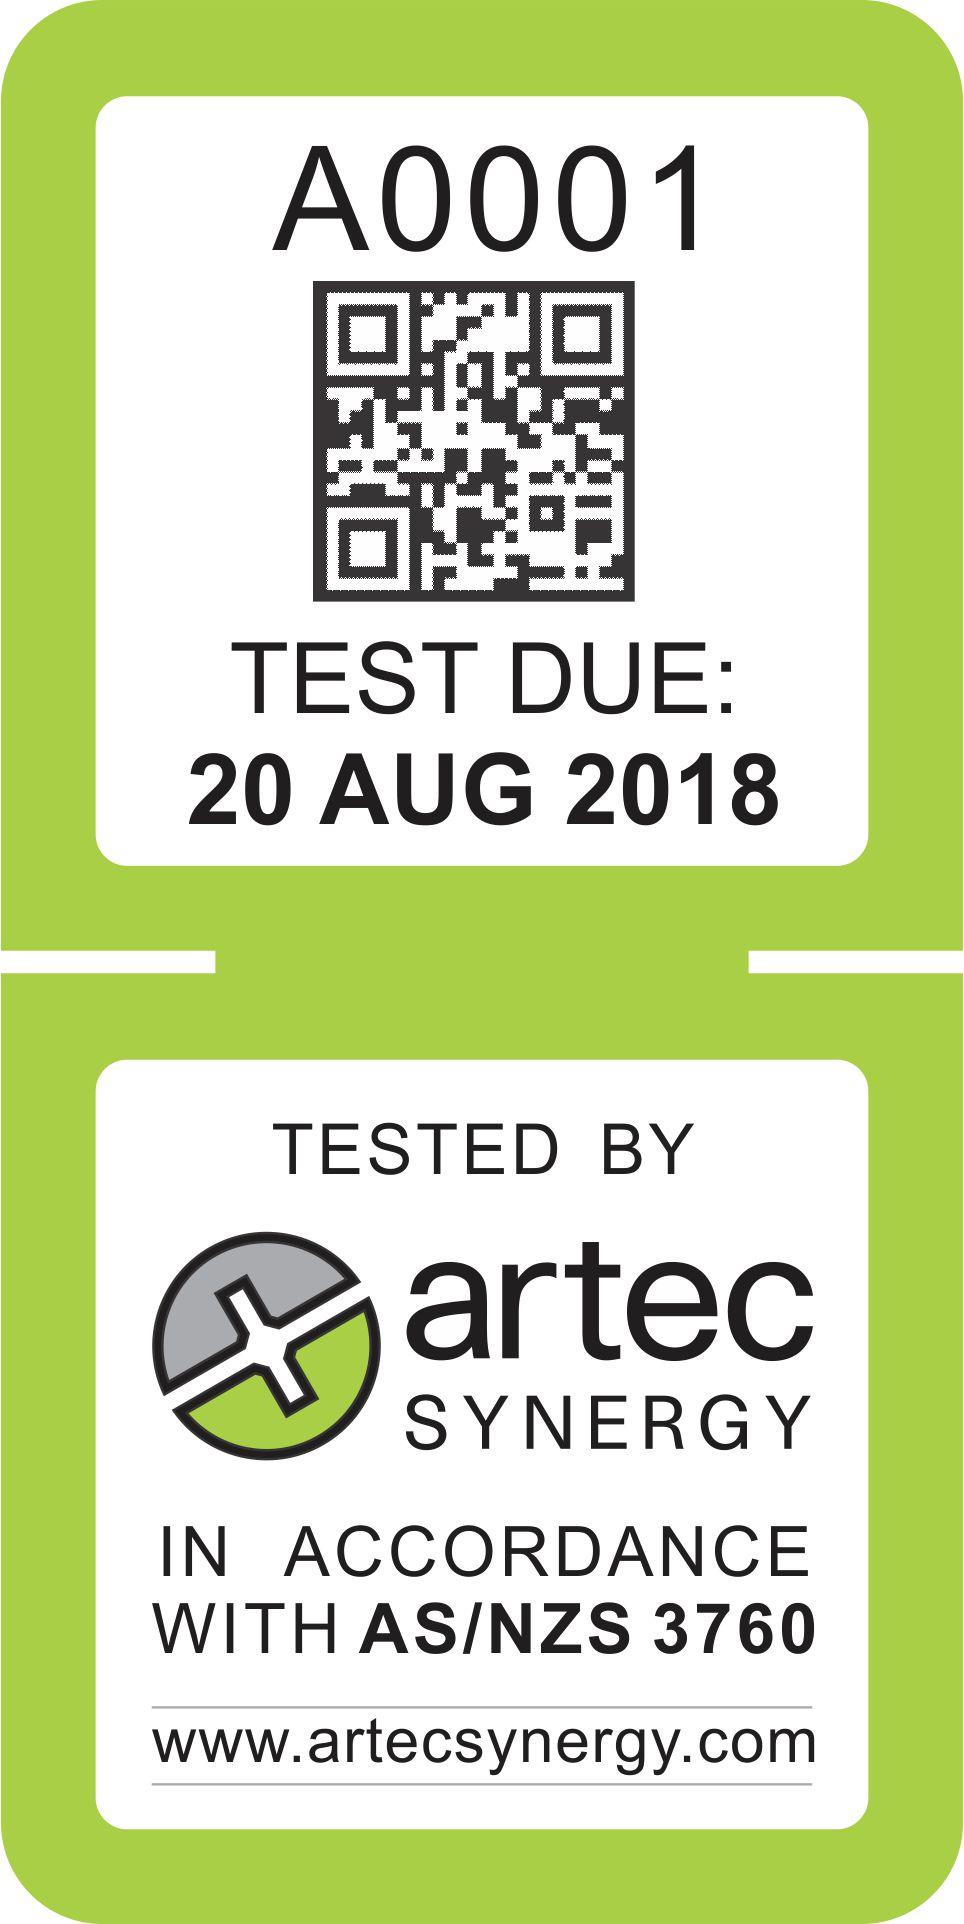 Test tag example.jpg